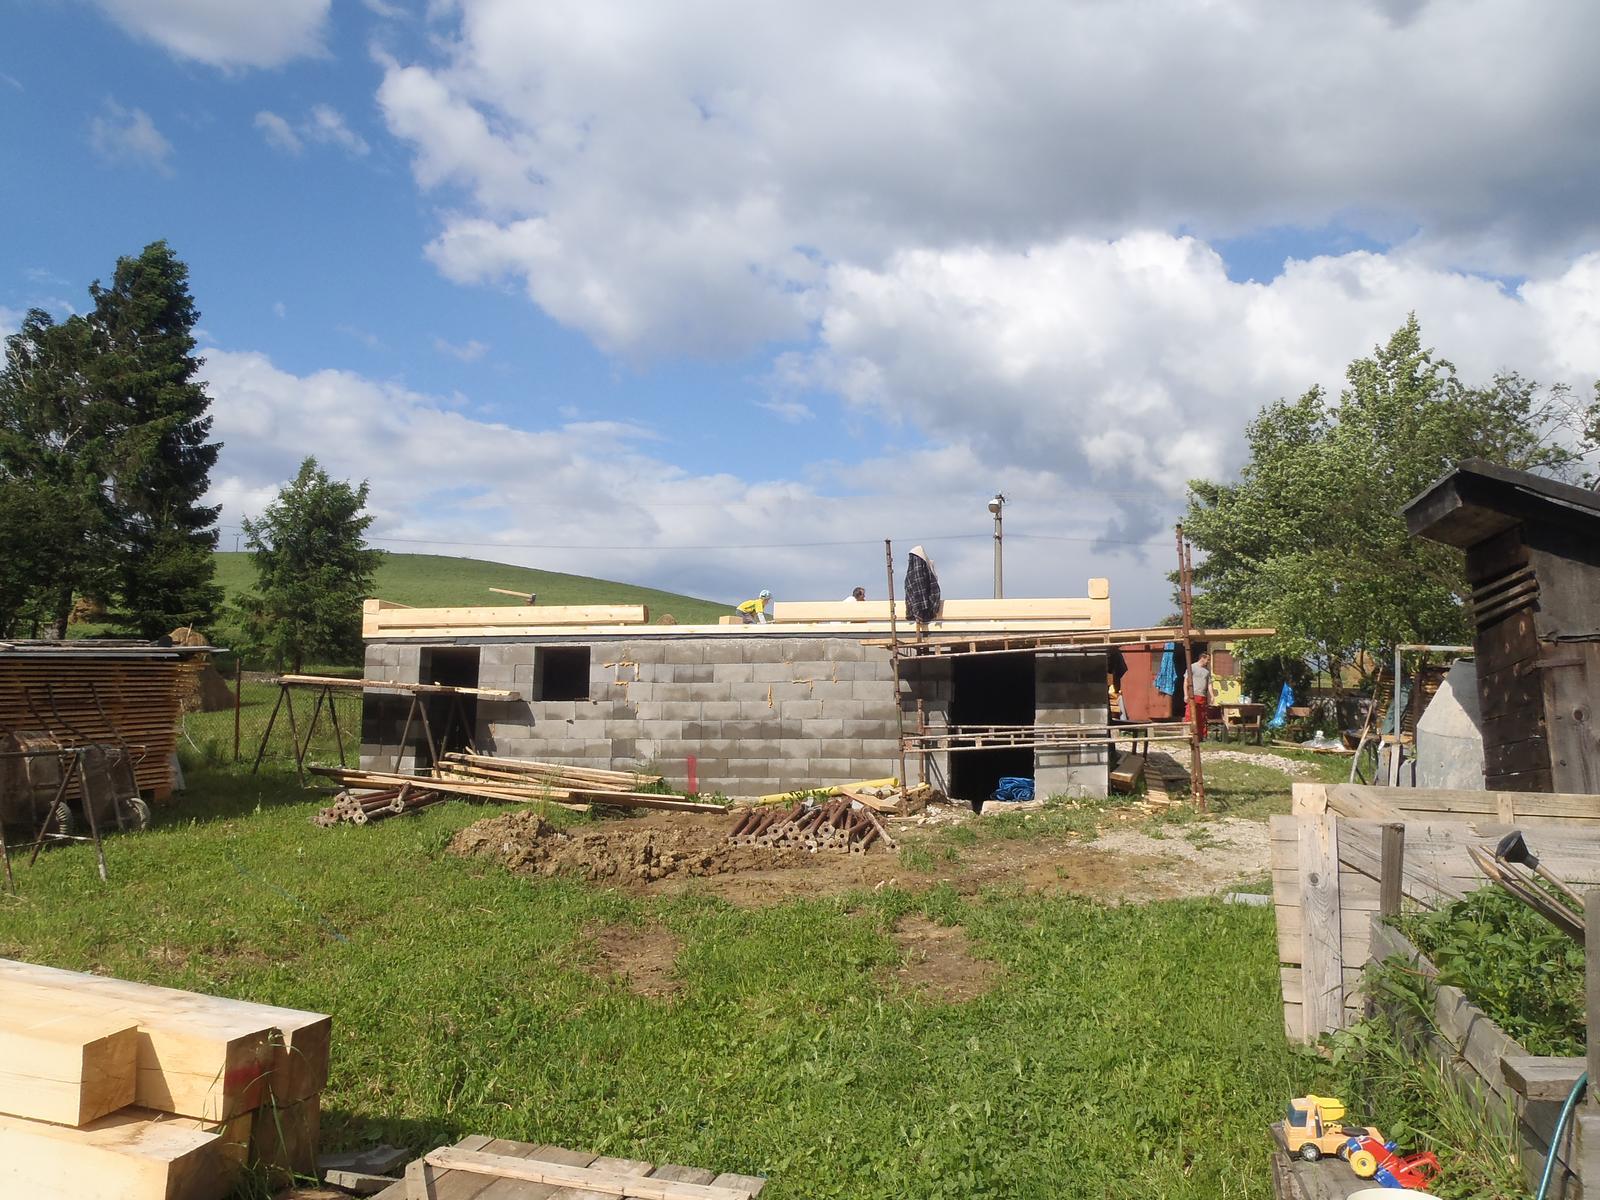 Náš veľký sen o drevenom domčeku! - Obrázok č. 39